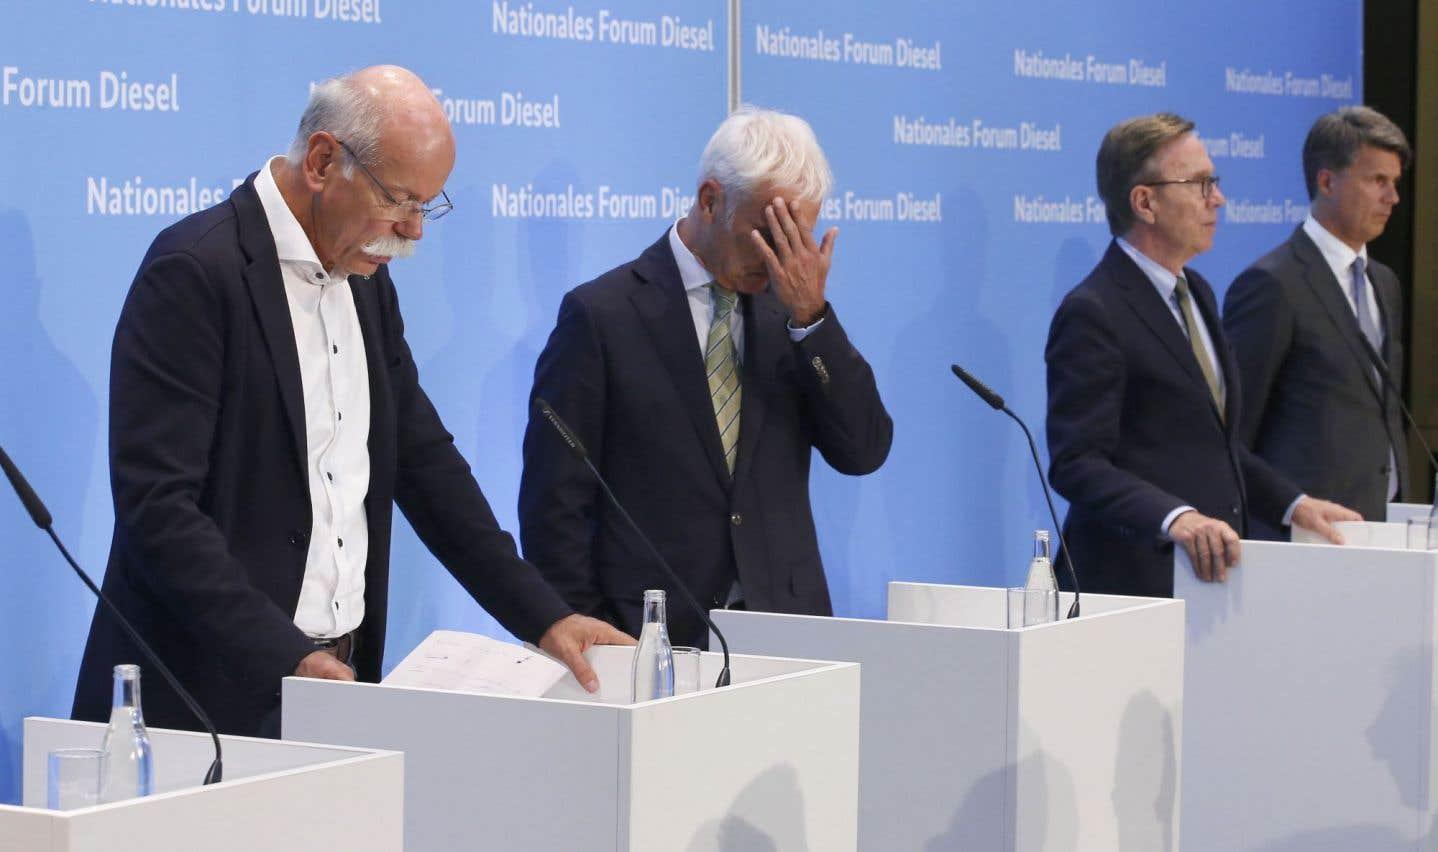 Les constructeurs allemands s'engagent à réduire les émissions polluantes